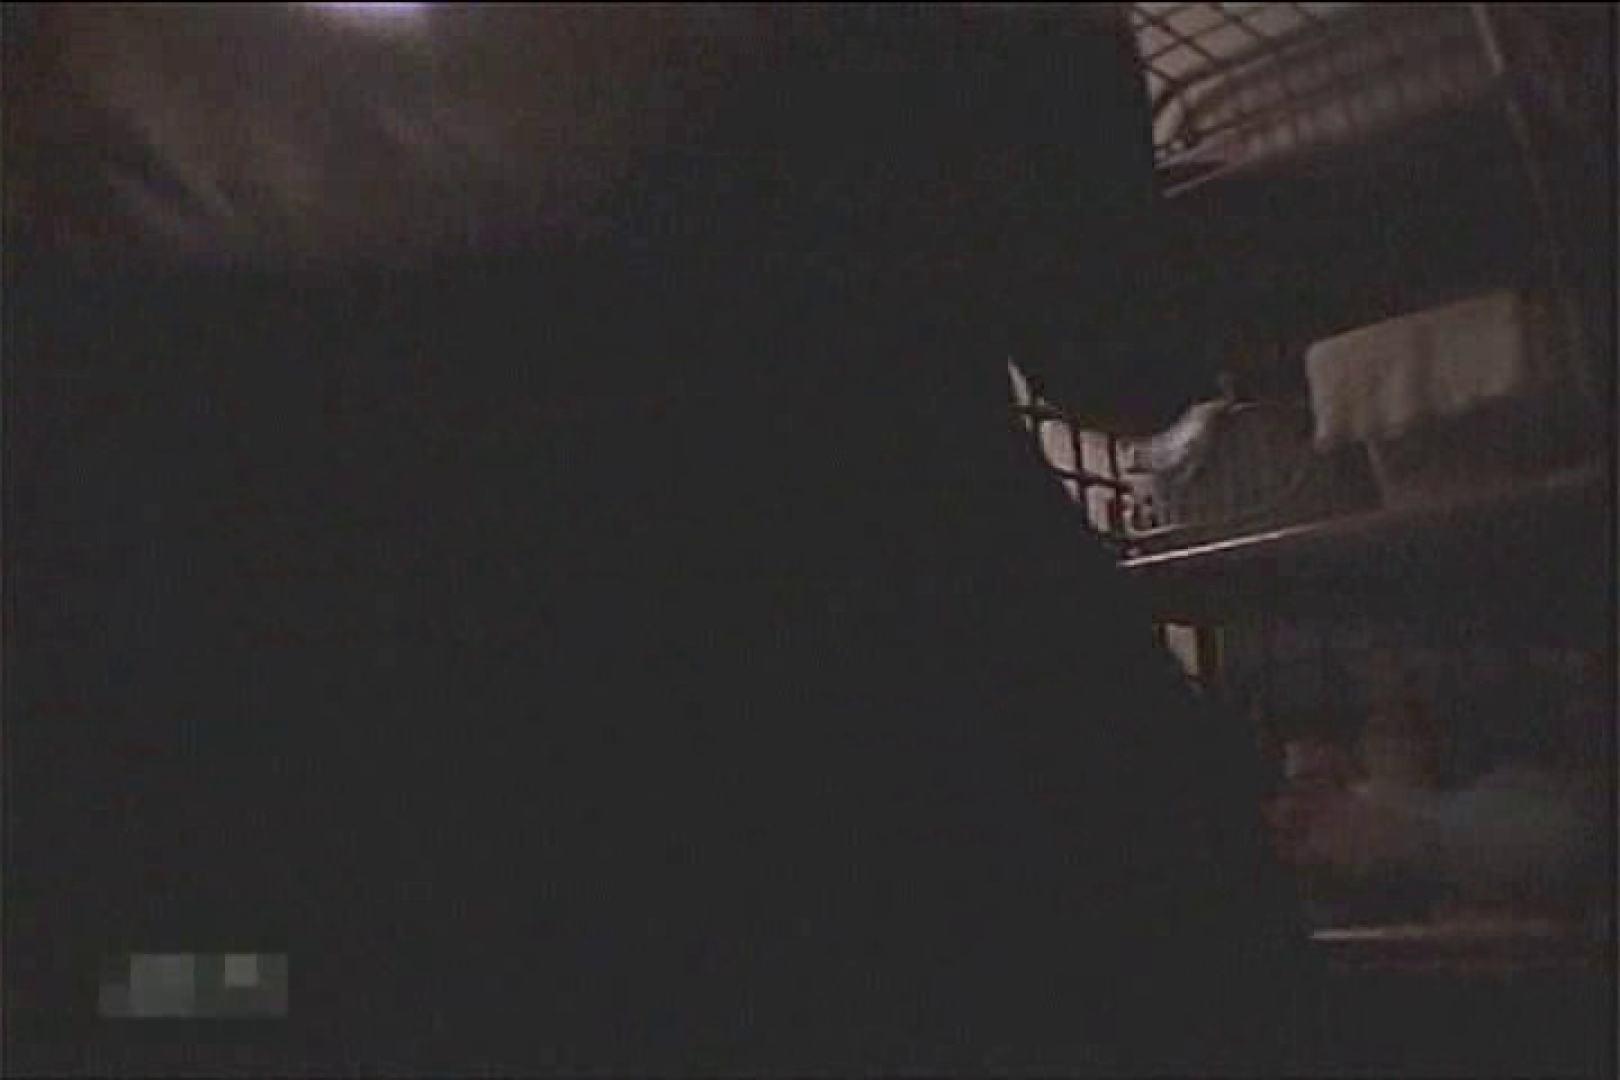 深夜の撮影会Vol.5 プライベート おまんこ動画流出 60画像 33